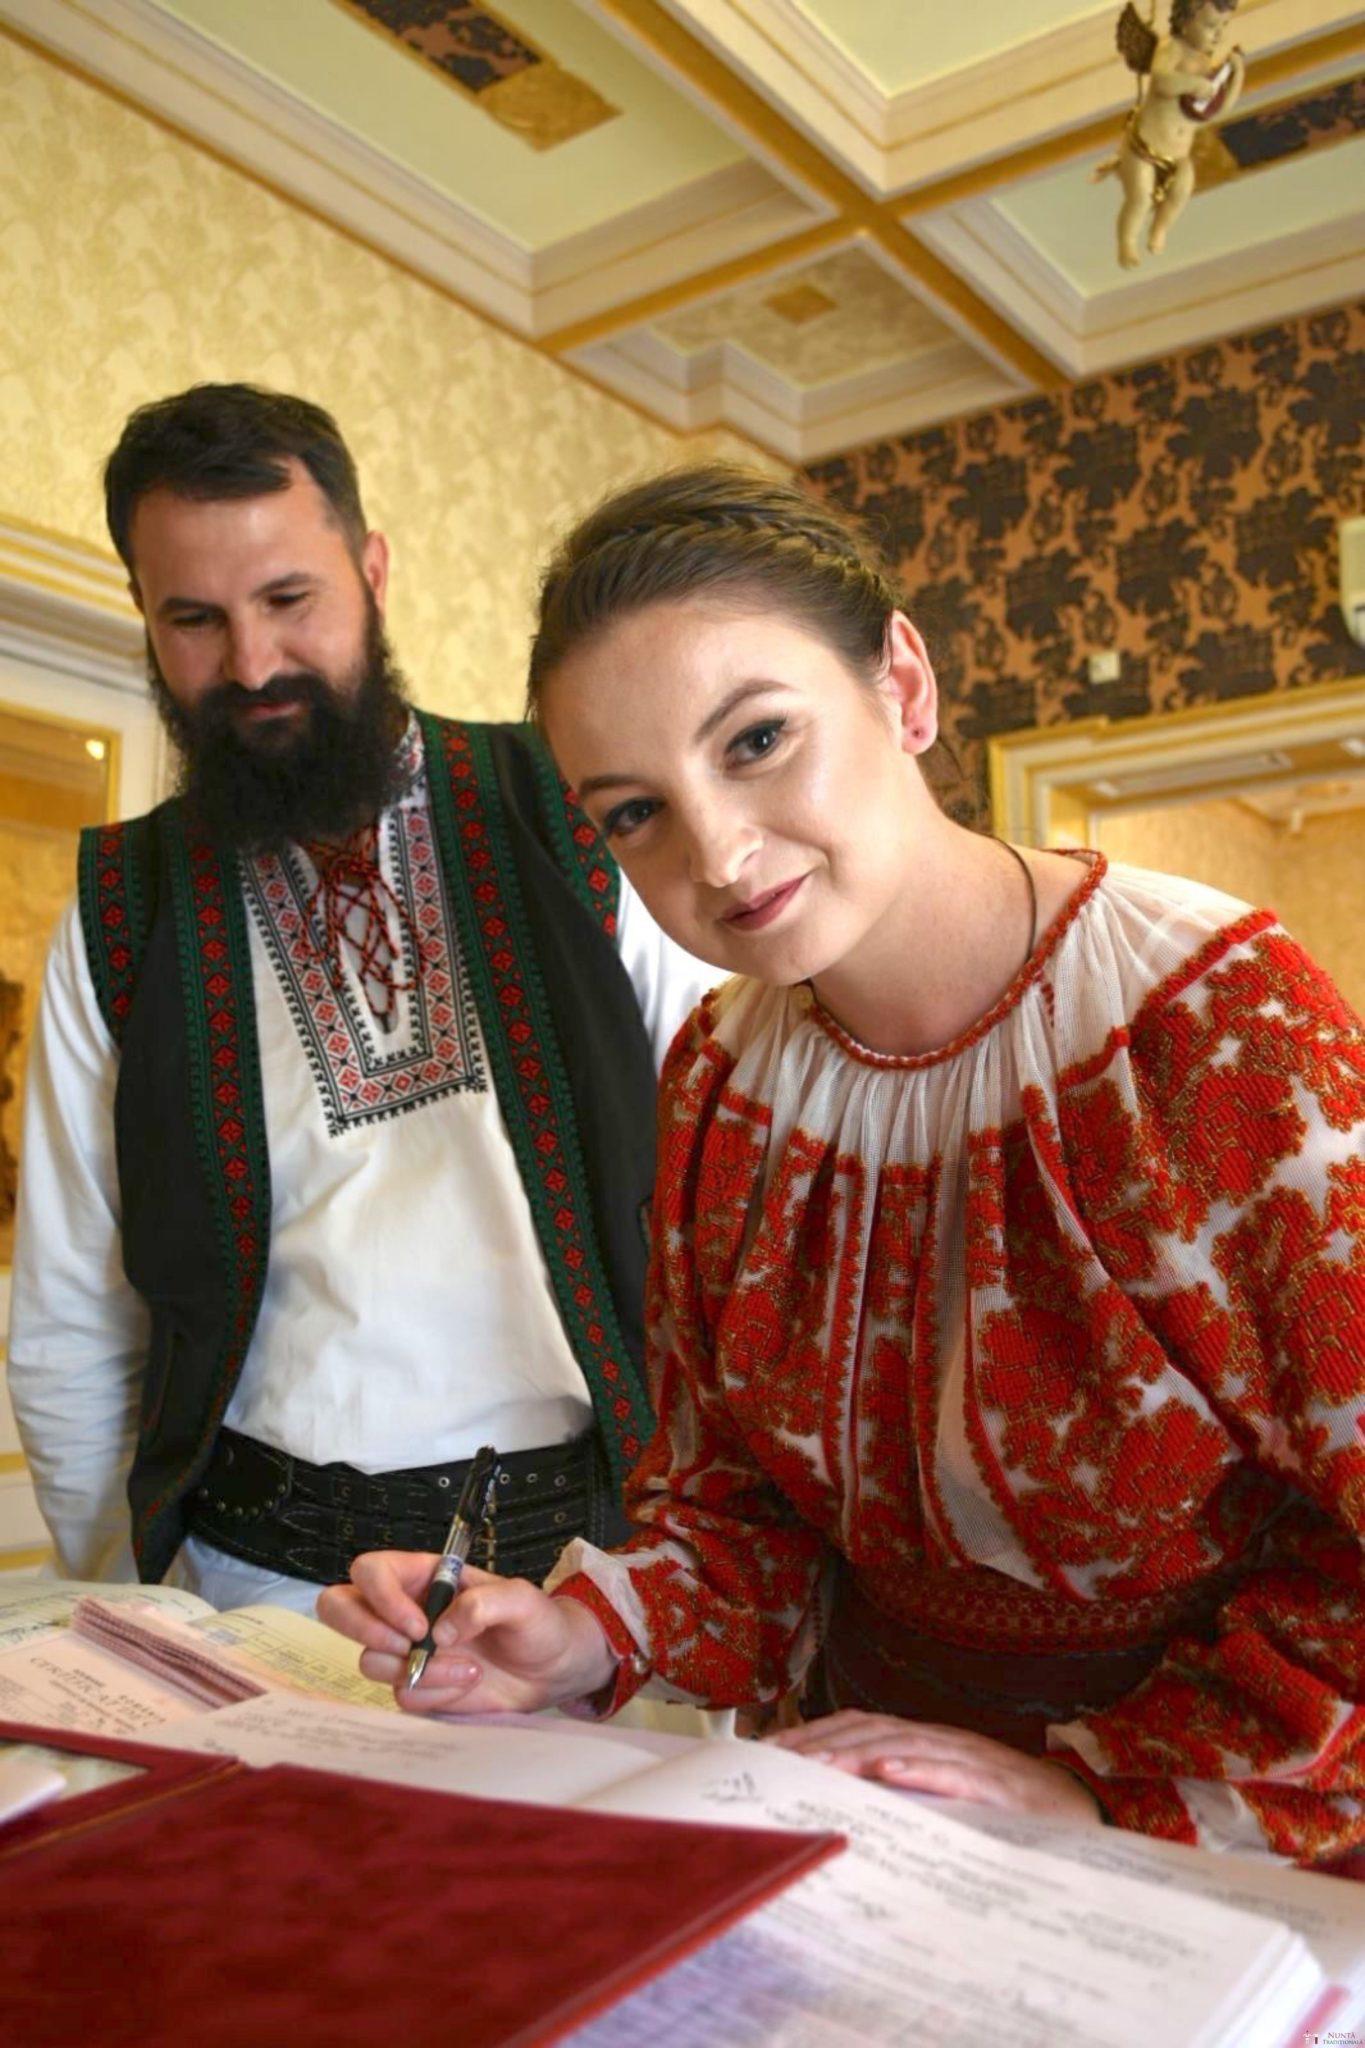 Povești Nunți Tradiționale - George Gabriel și Alexandra Buzatu, nuntă tradițională în Strejnicu, Prahova 13